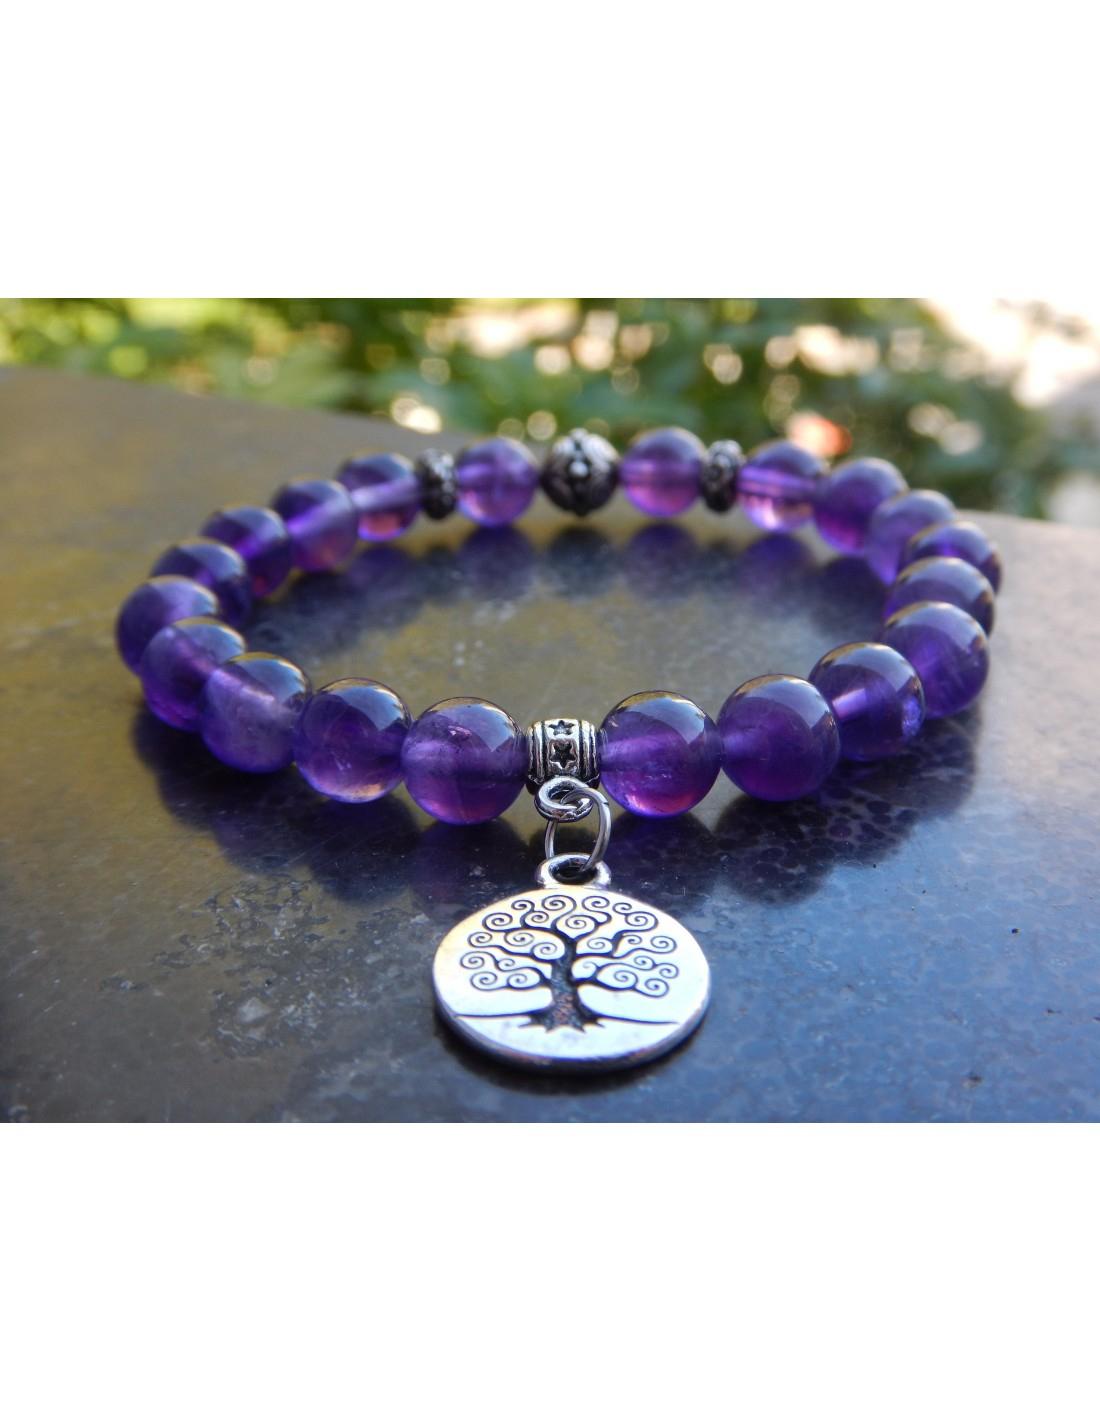 Bracelet En Améthyste - Bracelet En Pierres Naturelles D tout Bracelet Chemin De Vie Avis